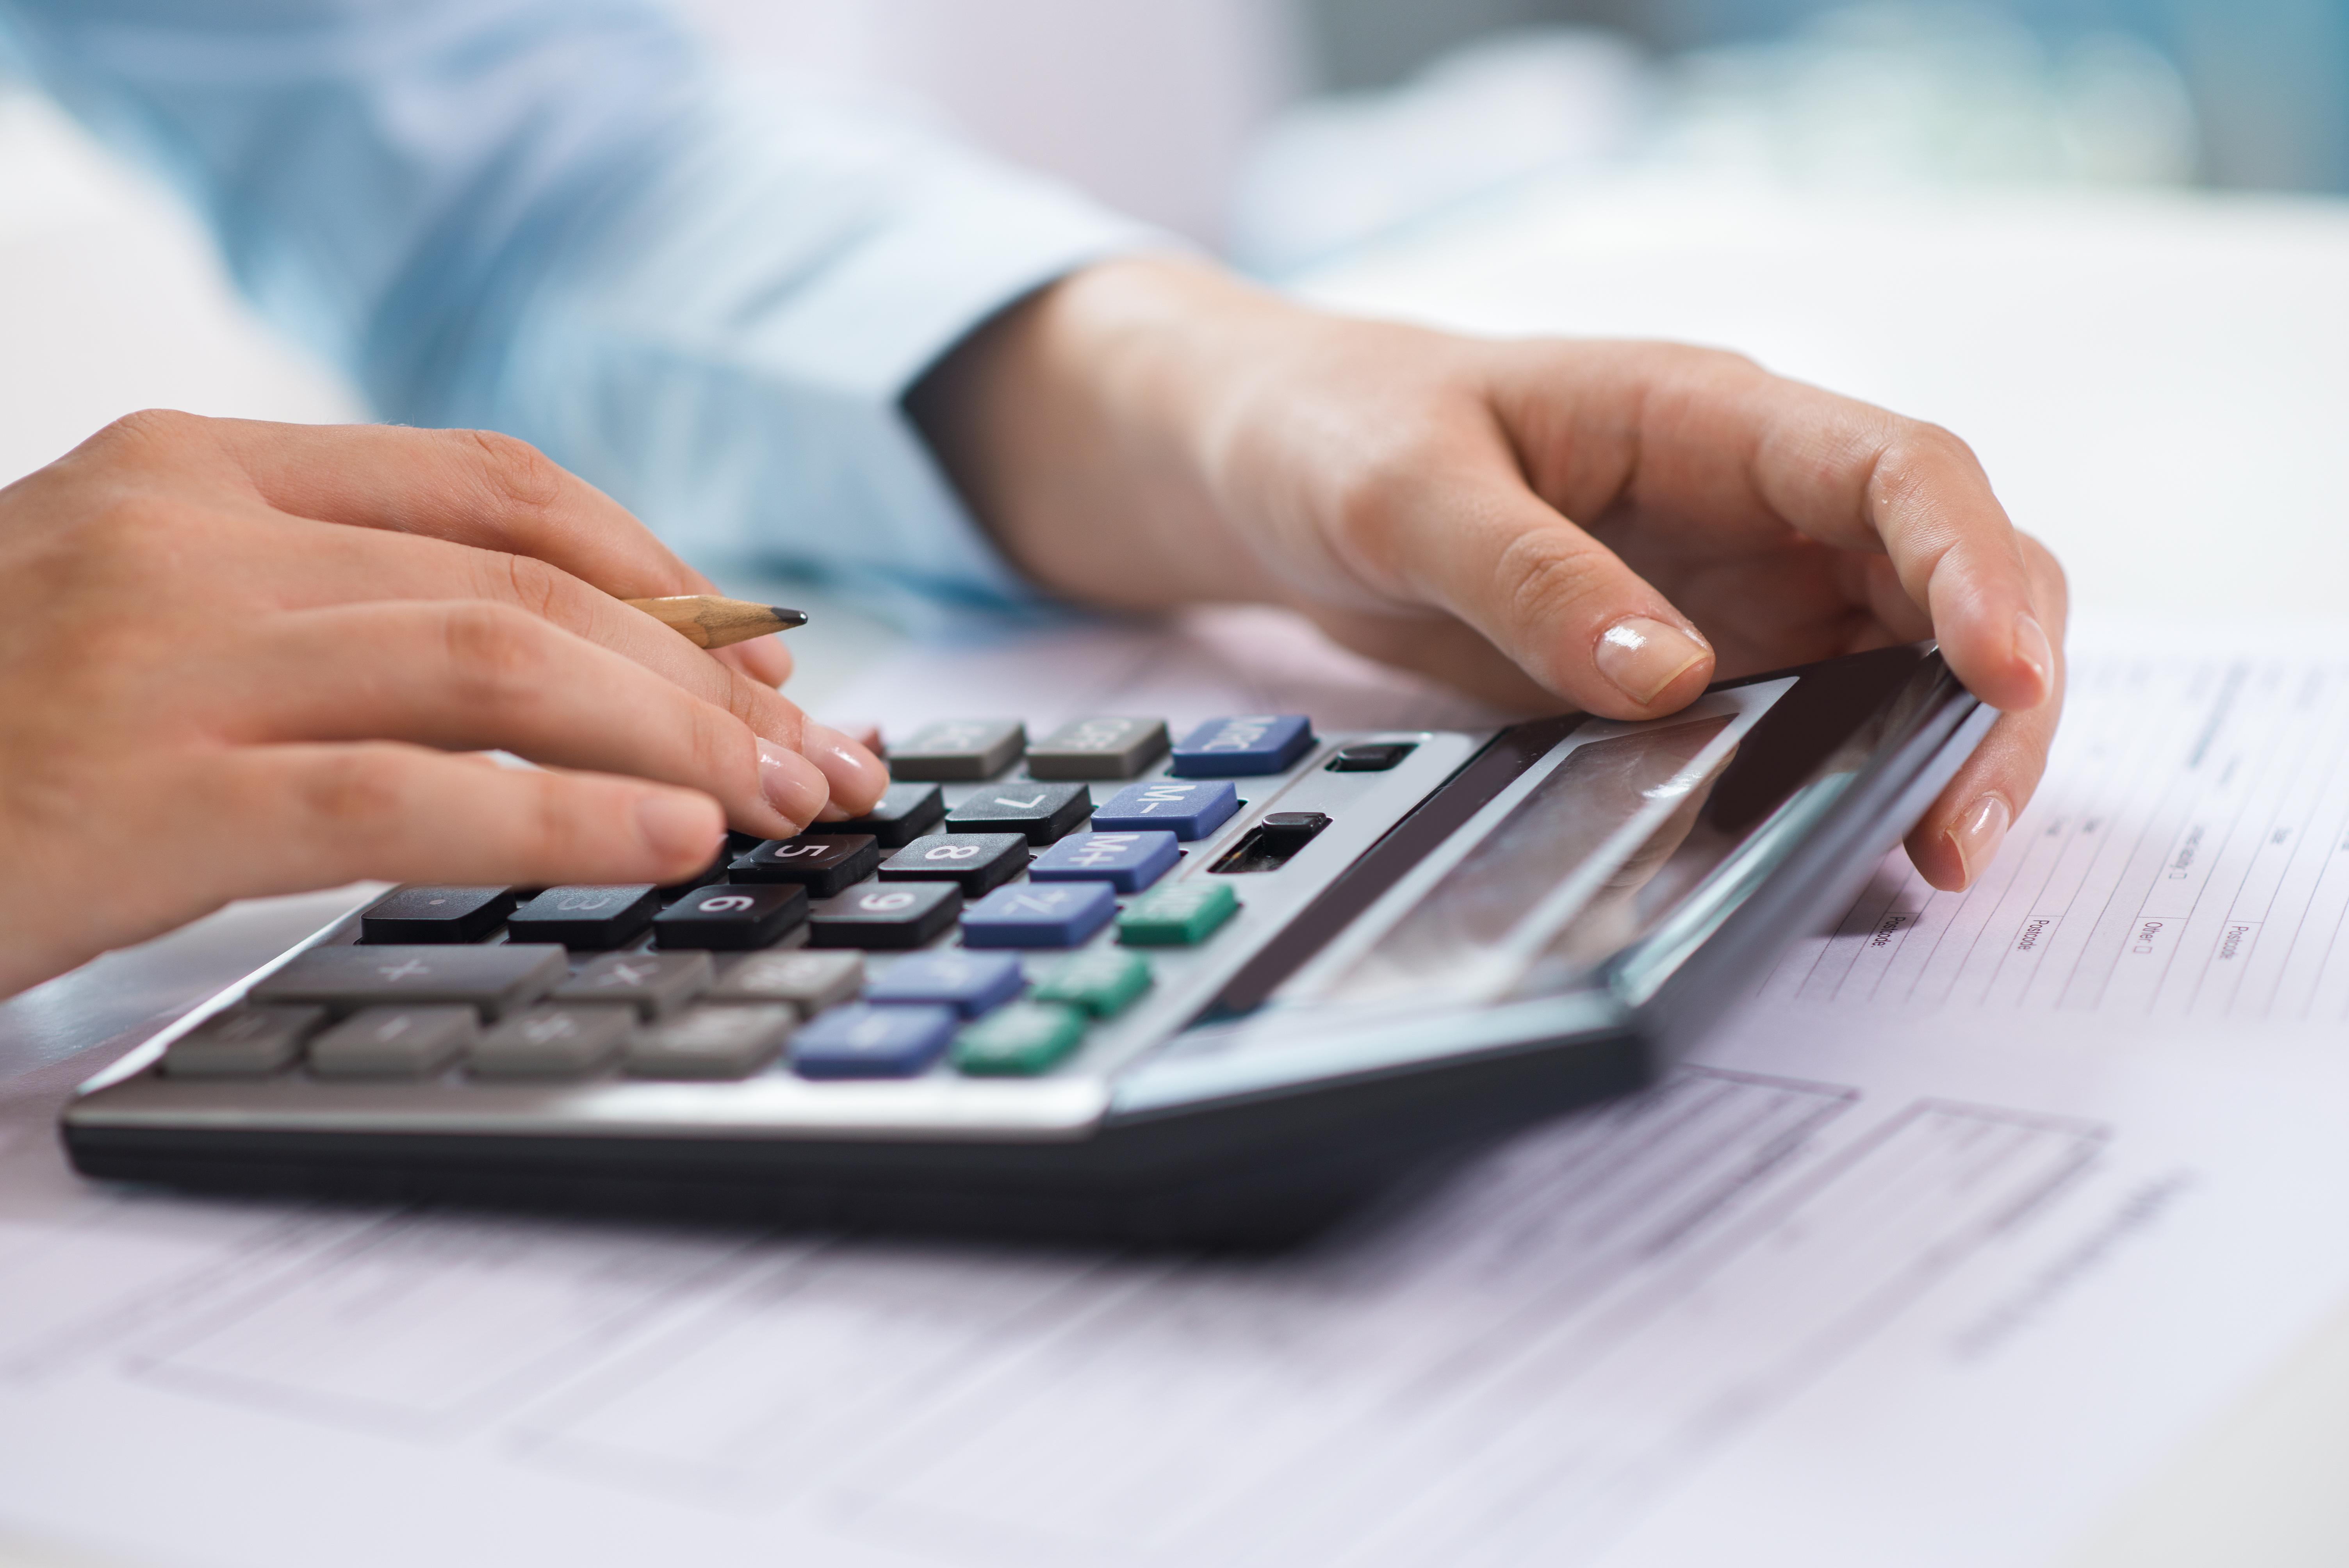 Οι Φοροτεχνικοί του ΕΕΑ ενημερώνουν για την επιστρεπτέα προκαταβολή (4) διαδικασία- προϋποθέσεις. Στατιστικά στοιχεία. Αιτήσεις χορήγησης επιστρεπτέας προκαταβολής (4): 127.254 Τελευταία ενημέρωση: 23/11/2020 14:01